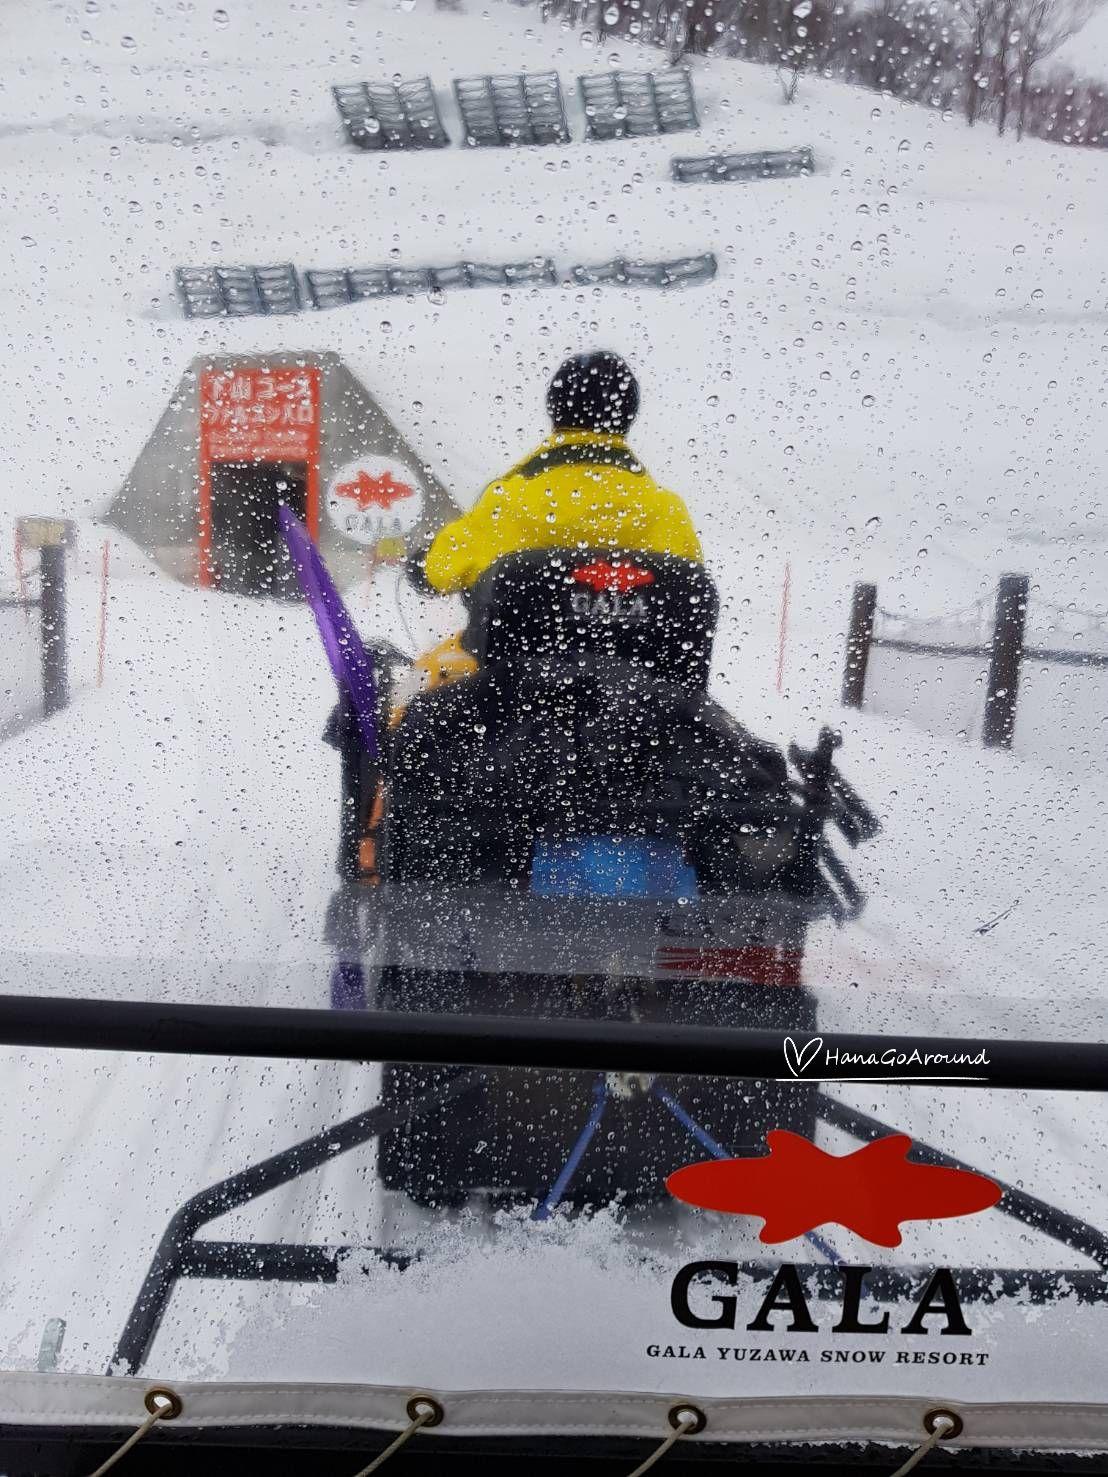 เล่นสกีหิมะที่ญี่ปุ่น รีวิวเที่ยวเมืองหิมะ เล่นสโนว์สุดฟิน in Gala Yuzawa Snow Resort ที่เมืองเอจิโหงะ-ยูซาว่า (Echigo-Yuzawa)